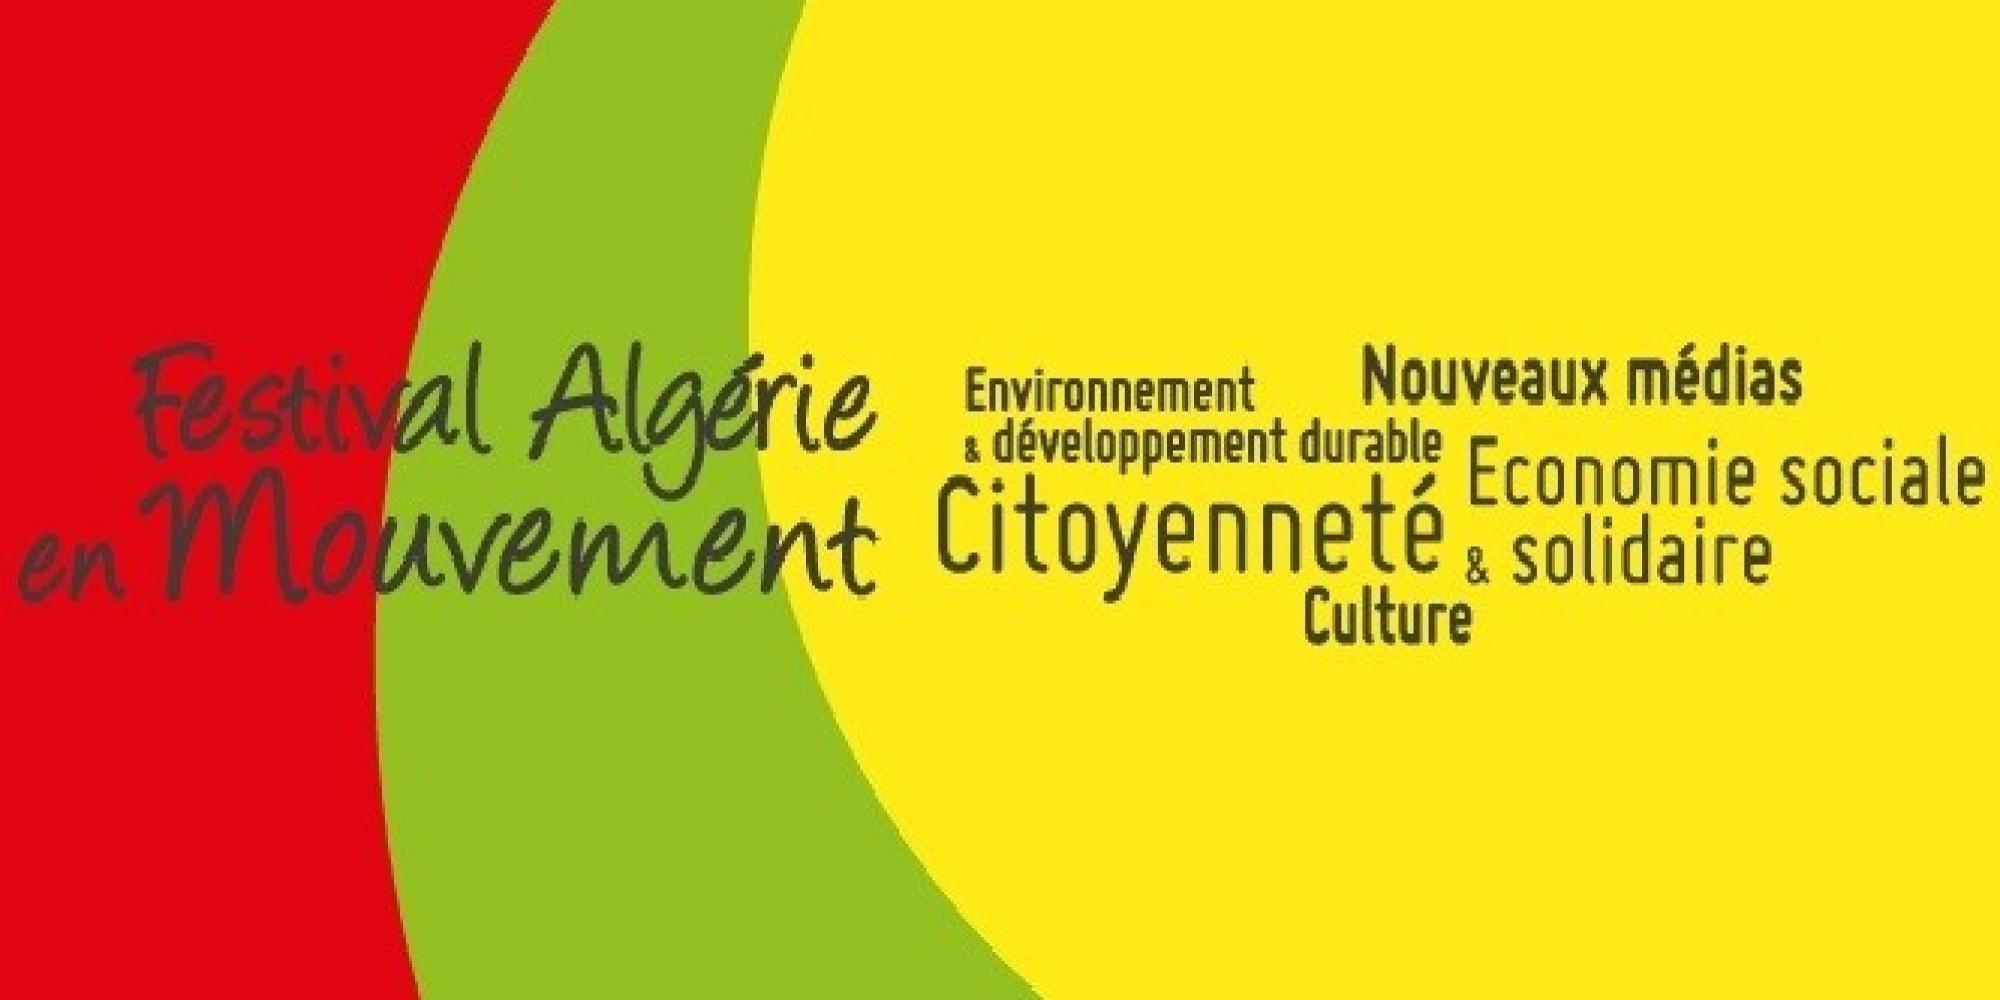 Le festival «Algérie en mouvement» à Paris du 27 au 30 septembre